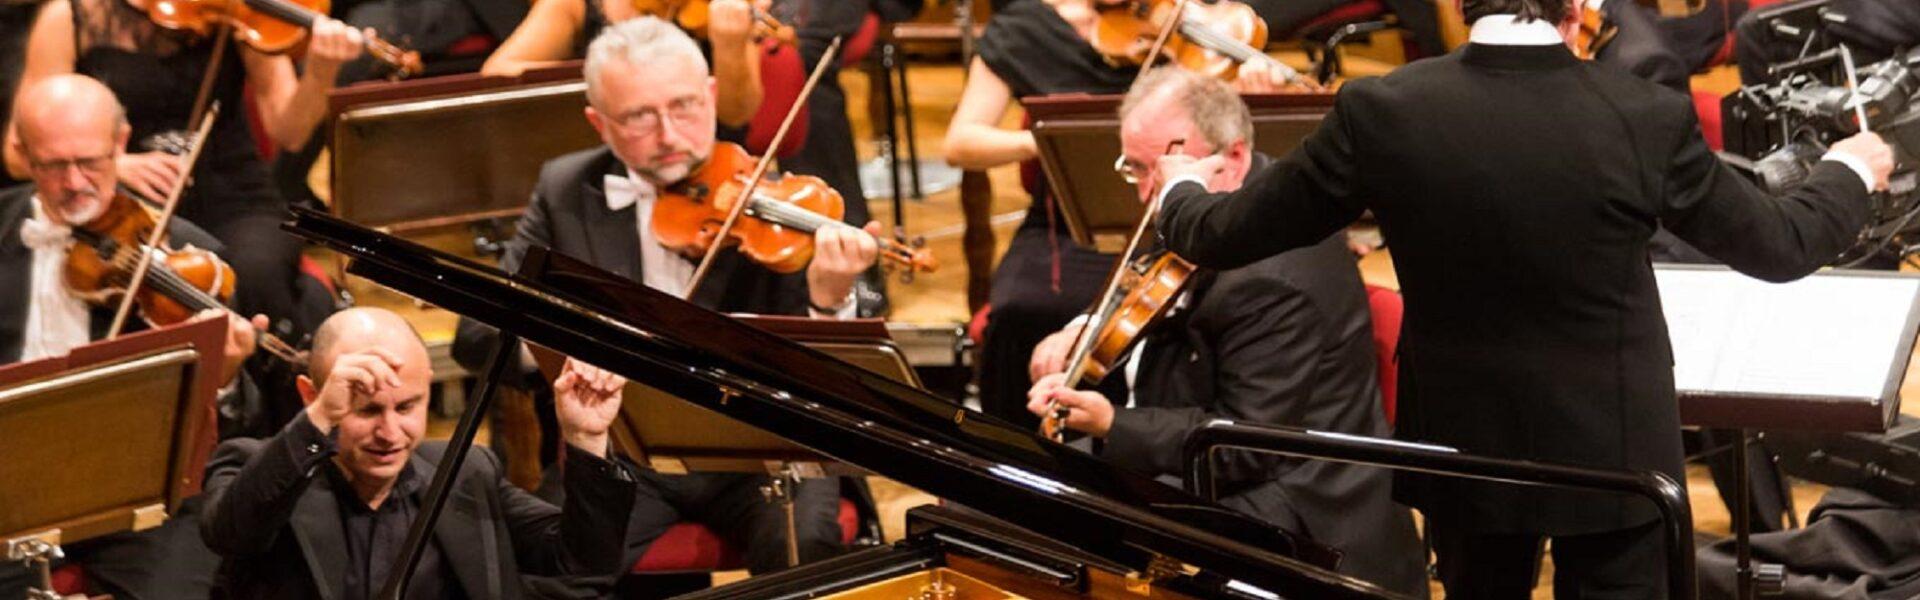 Réveillon du nouvel an 2021/2022 à Cracovie - Concert Chopin